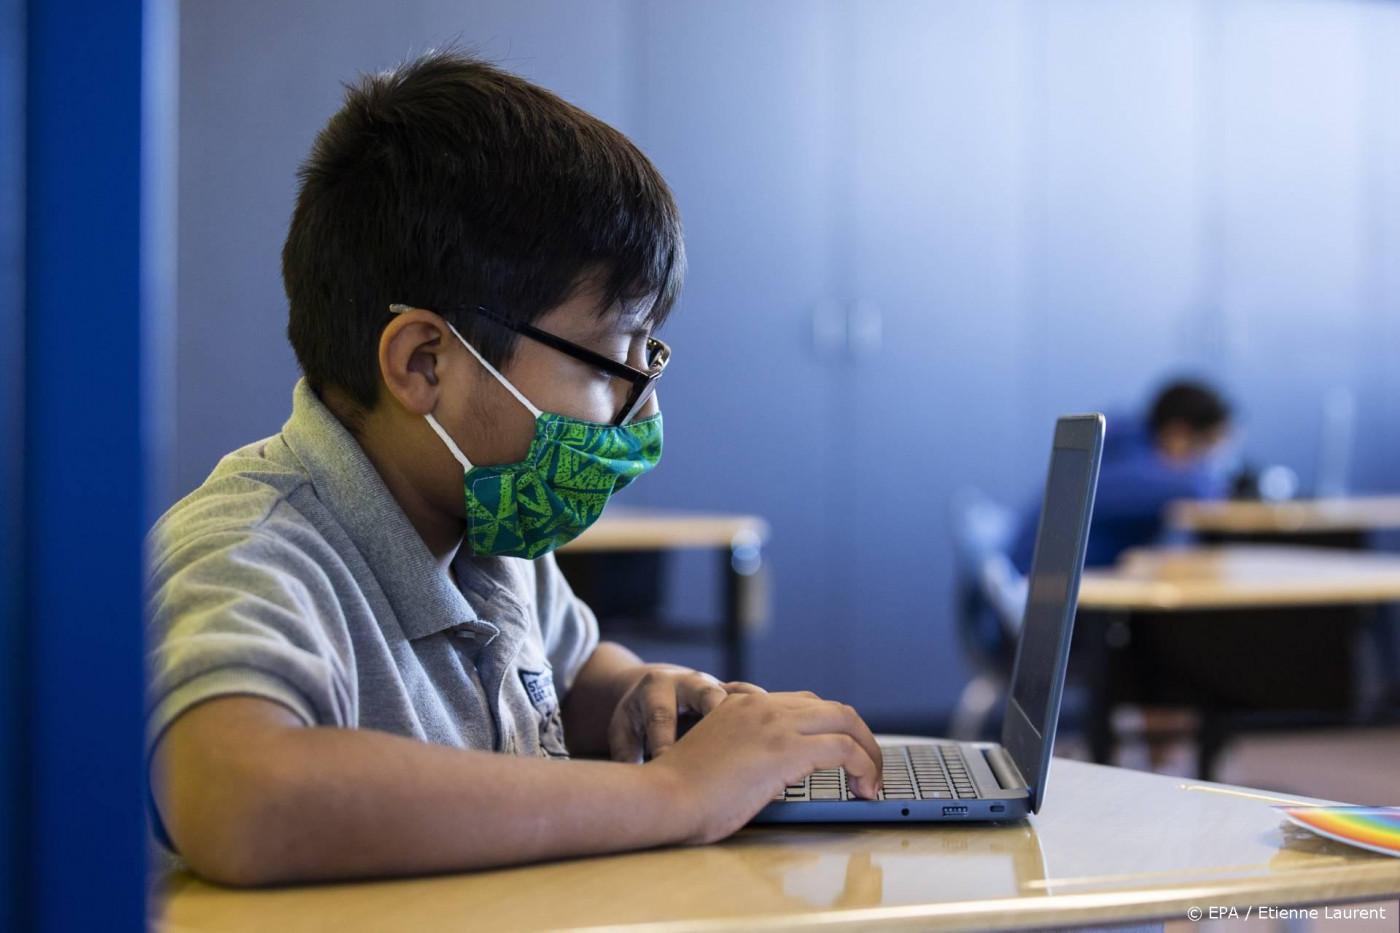 Amerikanen met laag inkomen krijgen subsidie voor internet